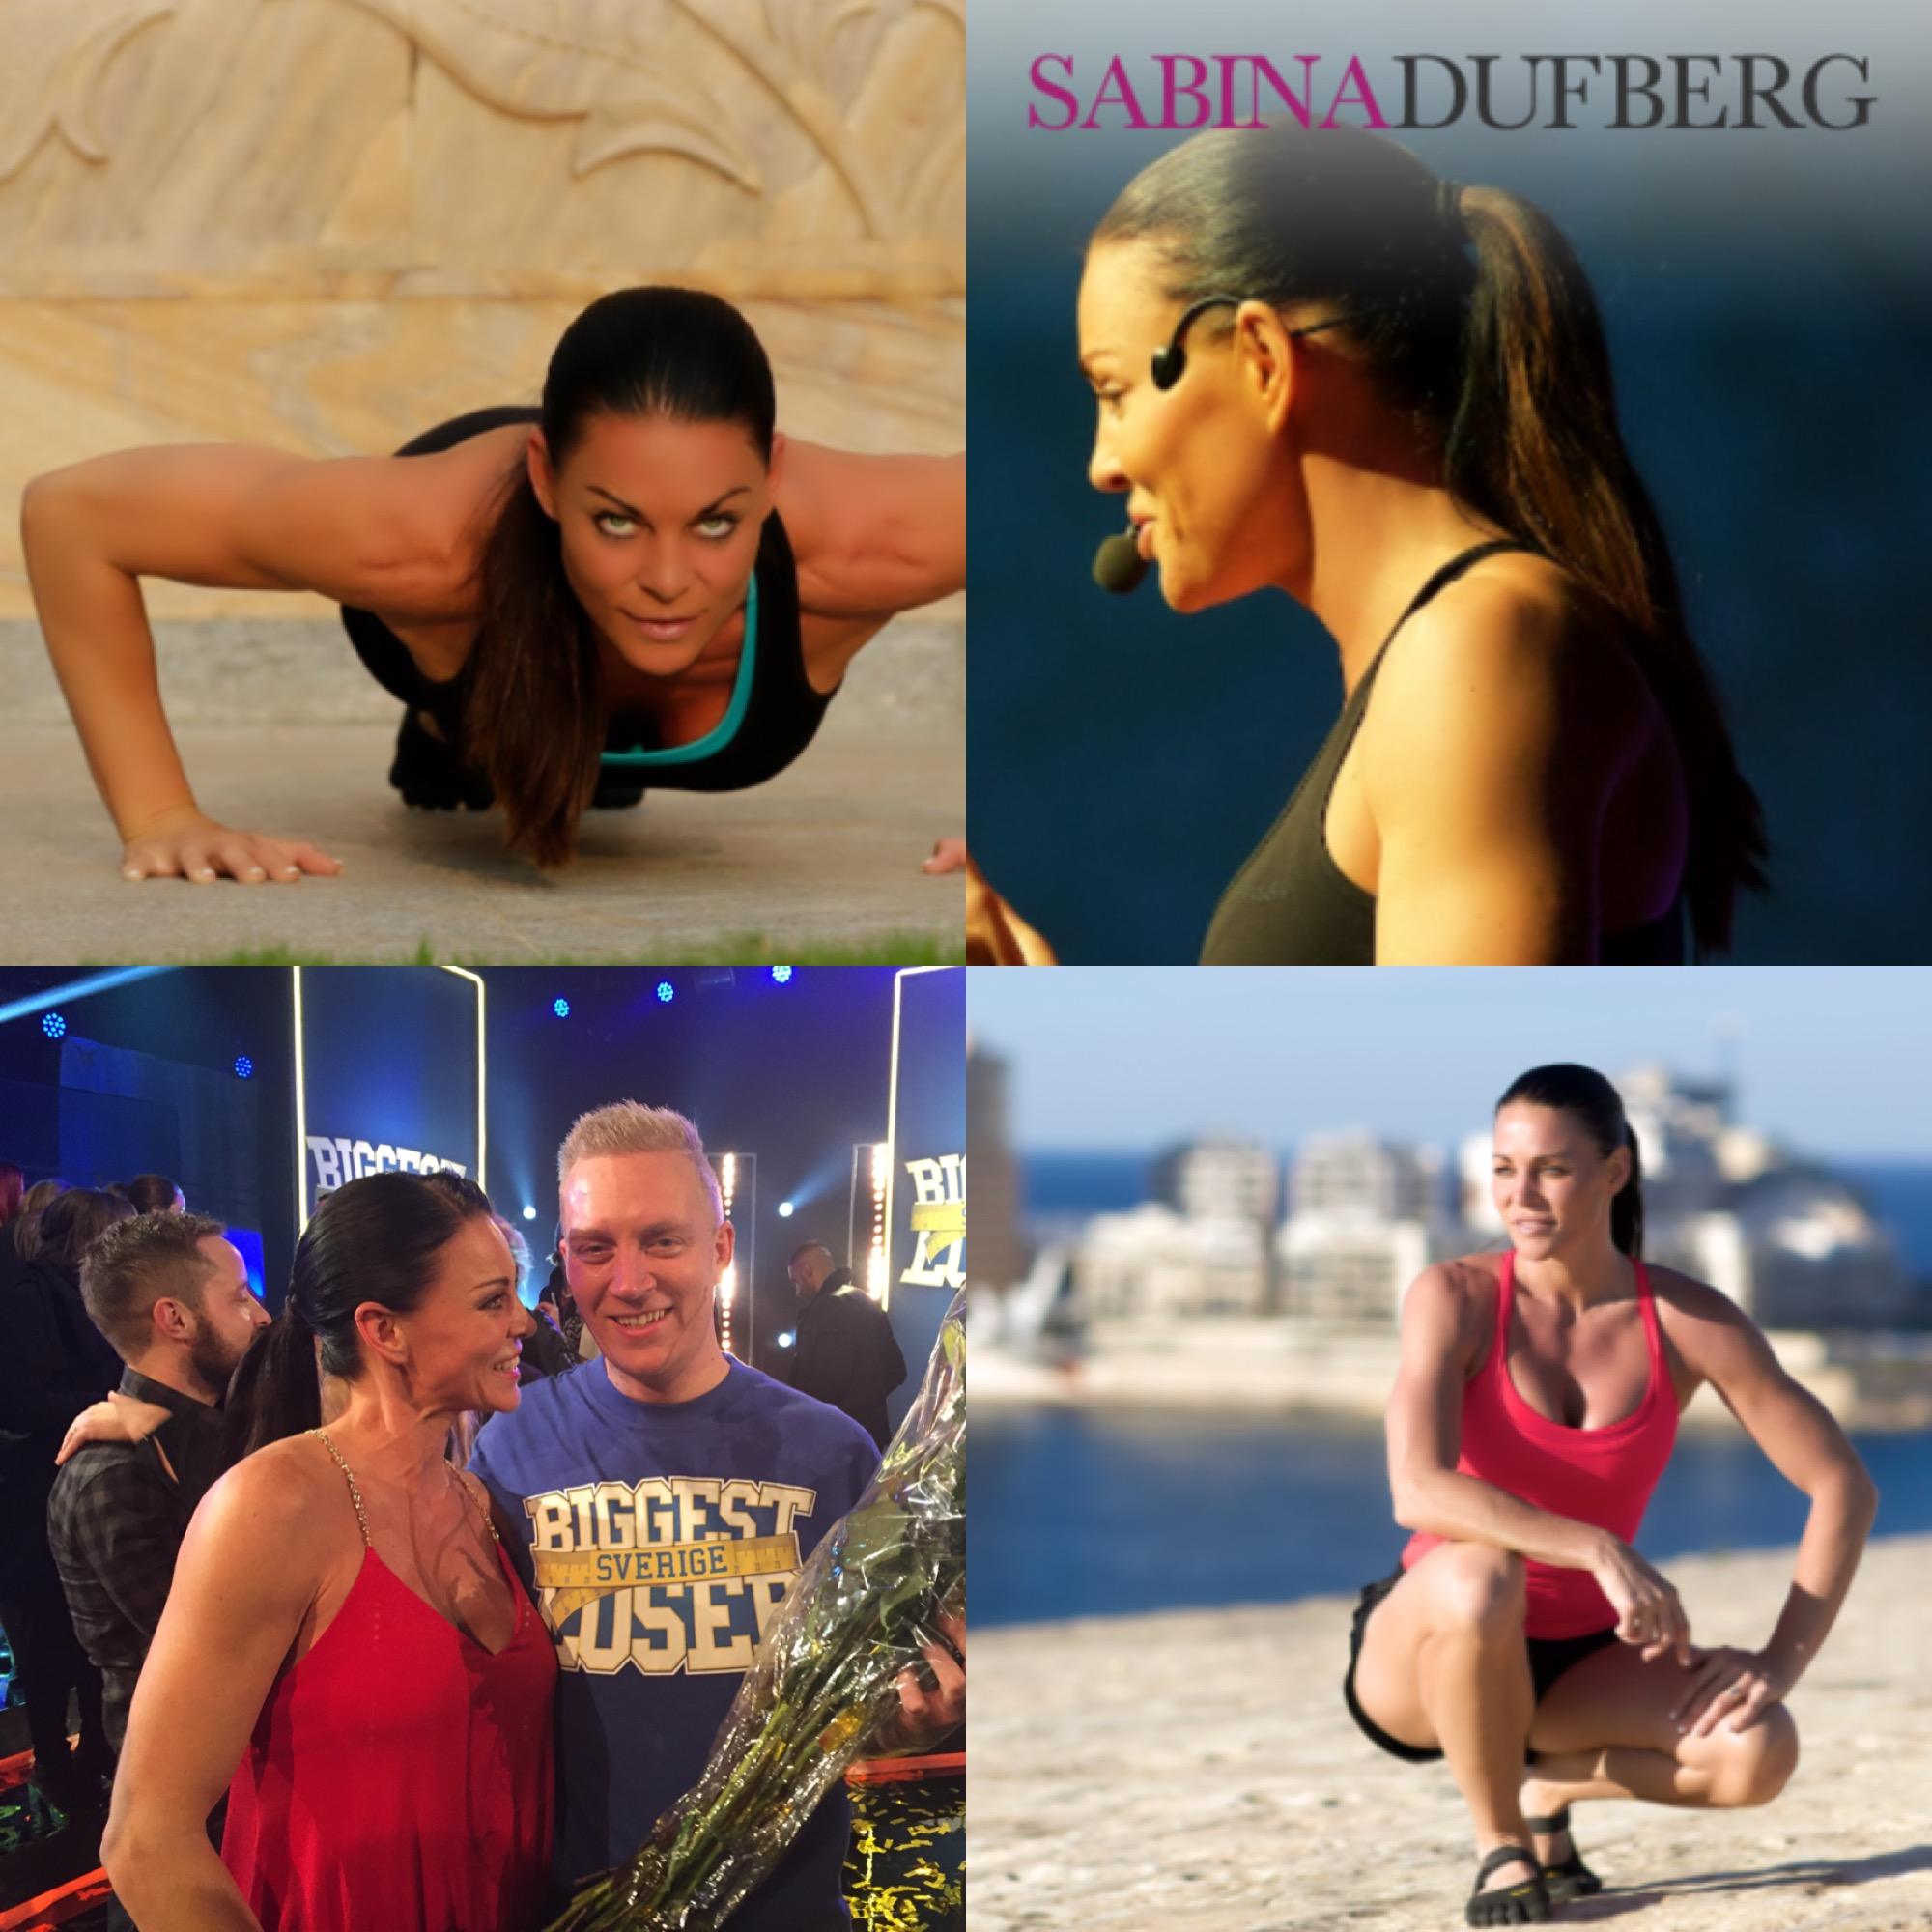 Hur bygger man ett personligt varumärke? – Träningsprofilen Sabina Dufberg delar med sig av sin framgångssaga.